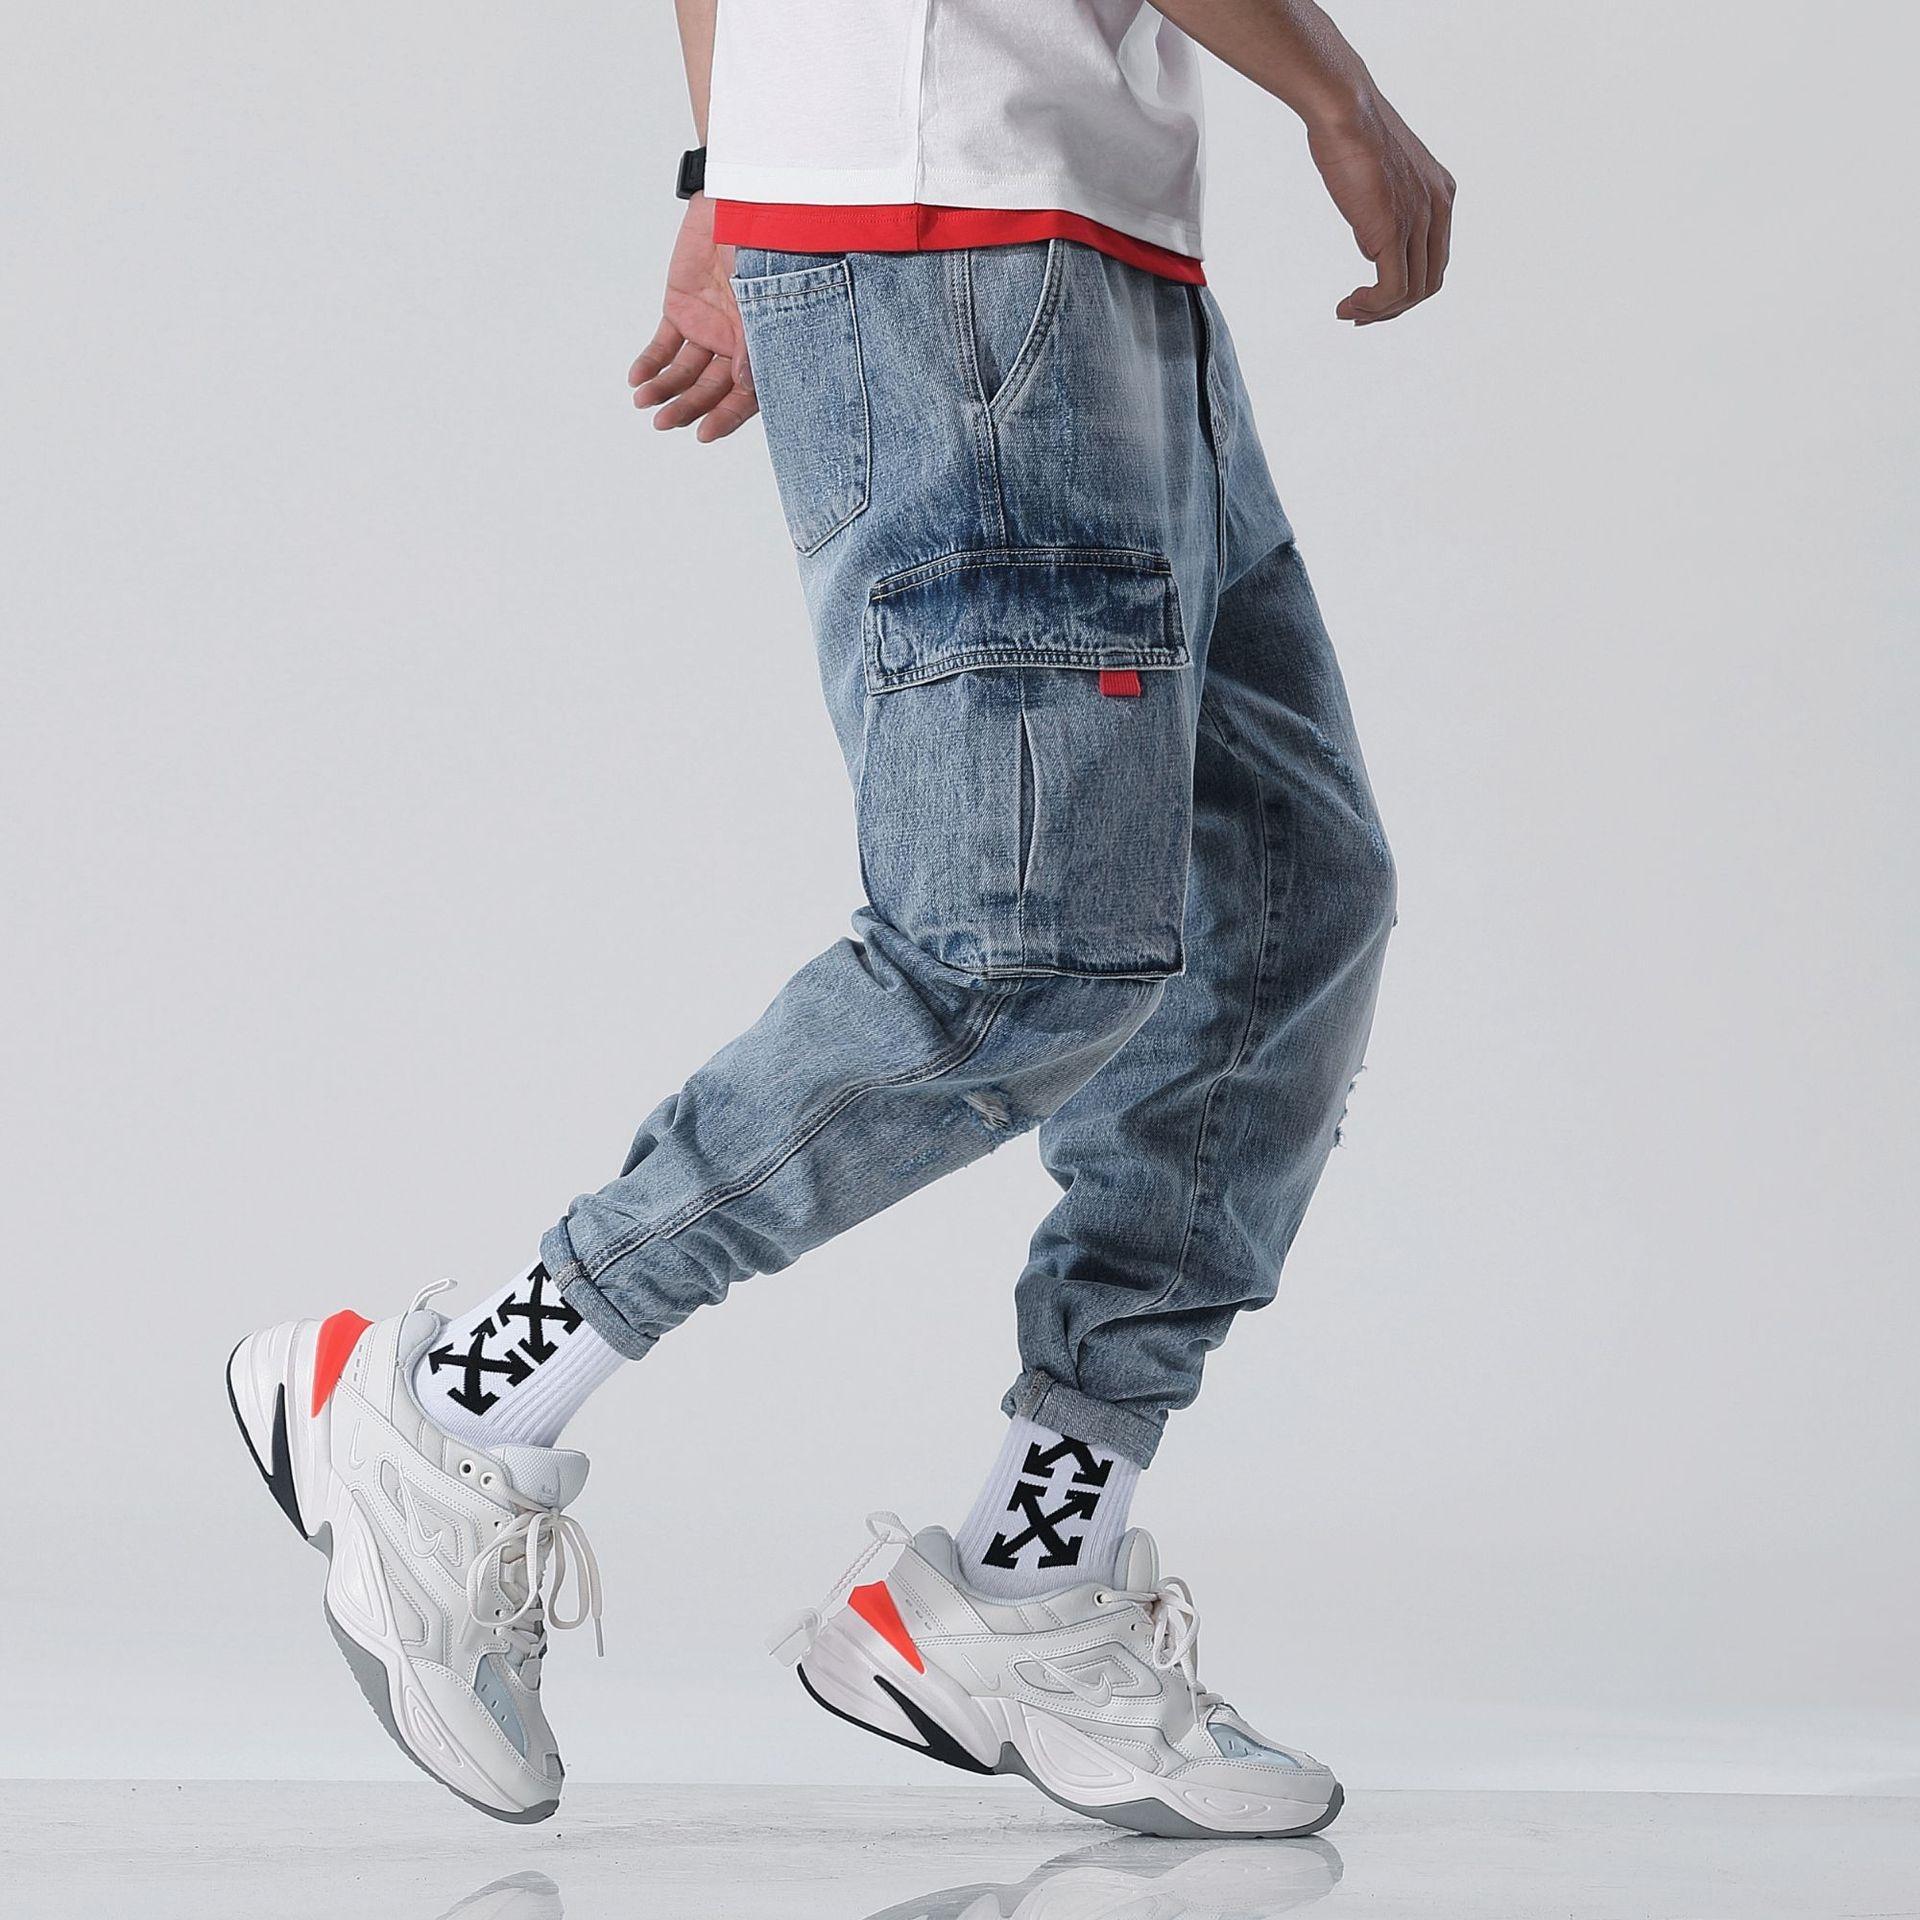 2r8Bn isjwH Весна рваные мужские уличные Комбинезоны шаровары свободные прямые Korean Стильная пешком ПАН Комбинезоны пят моды джинсы и джинсы бу